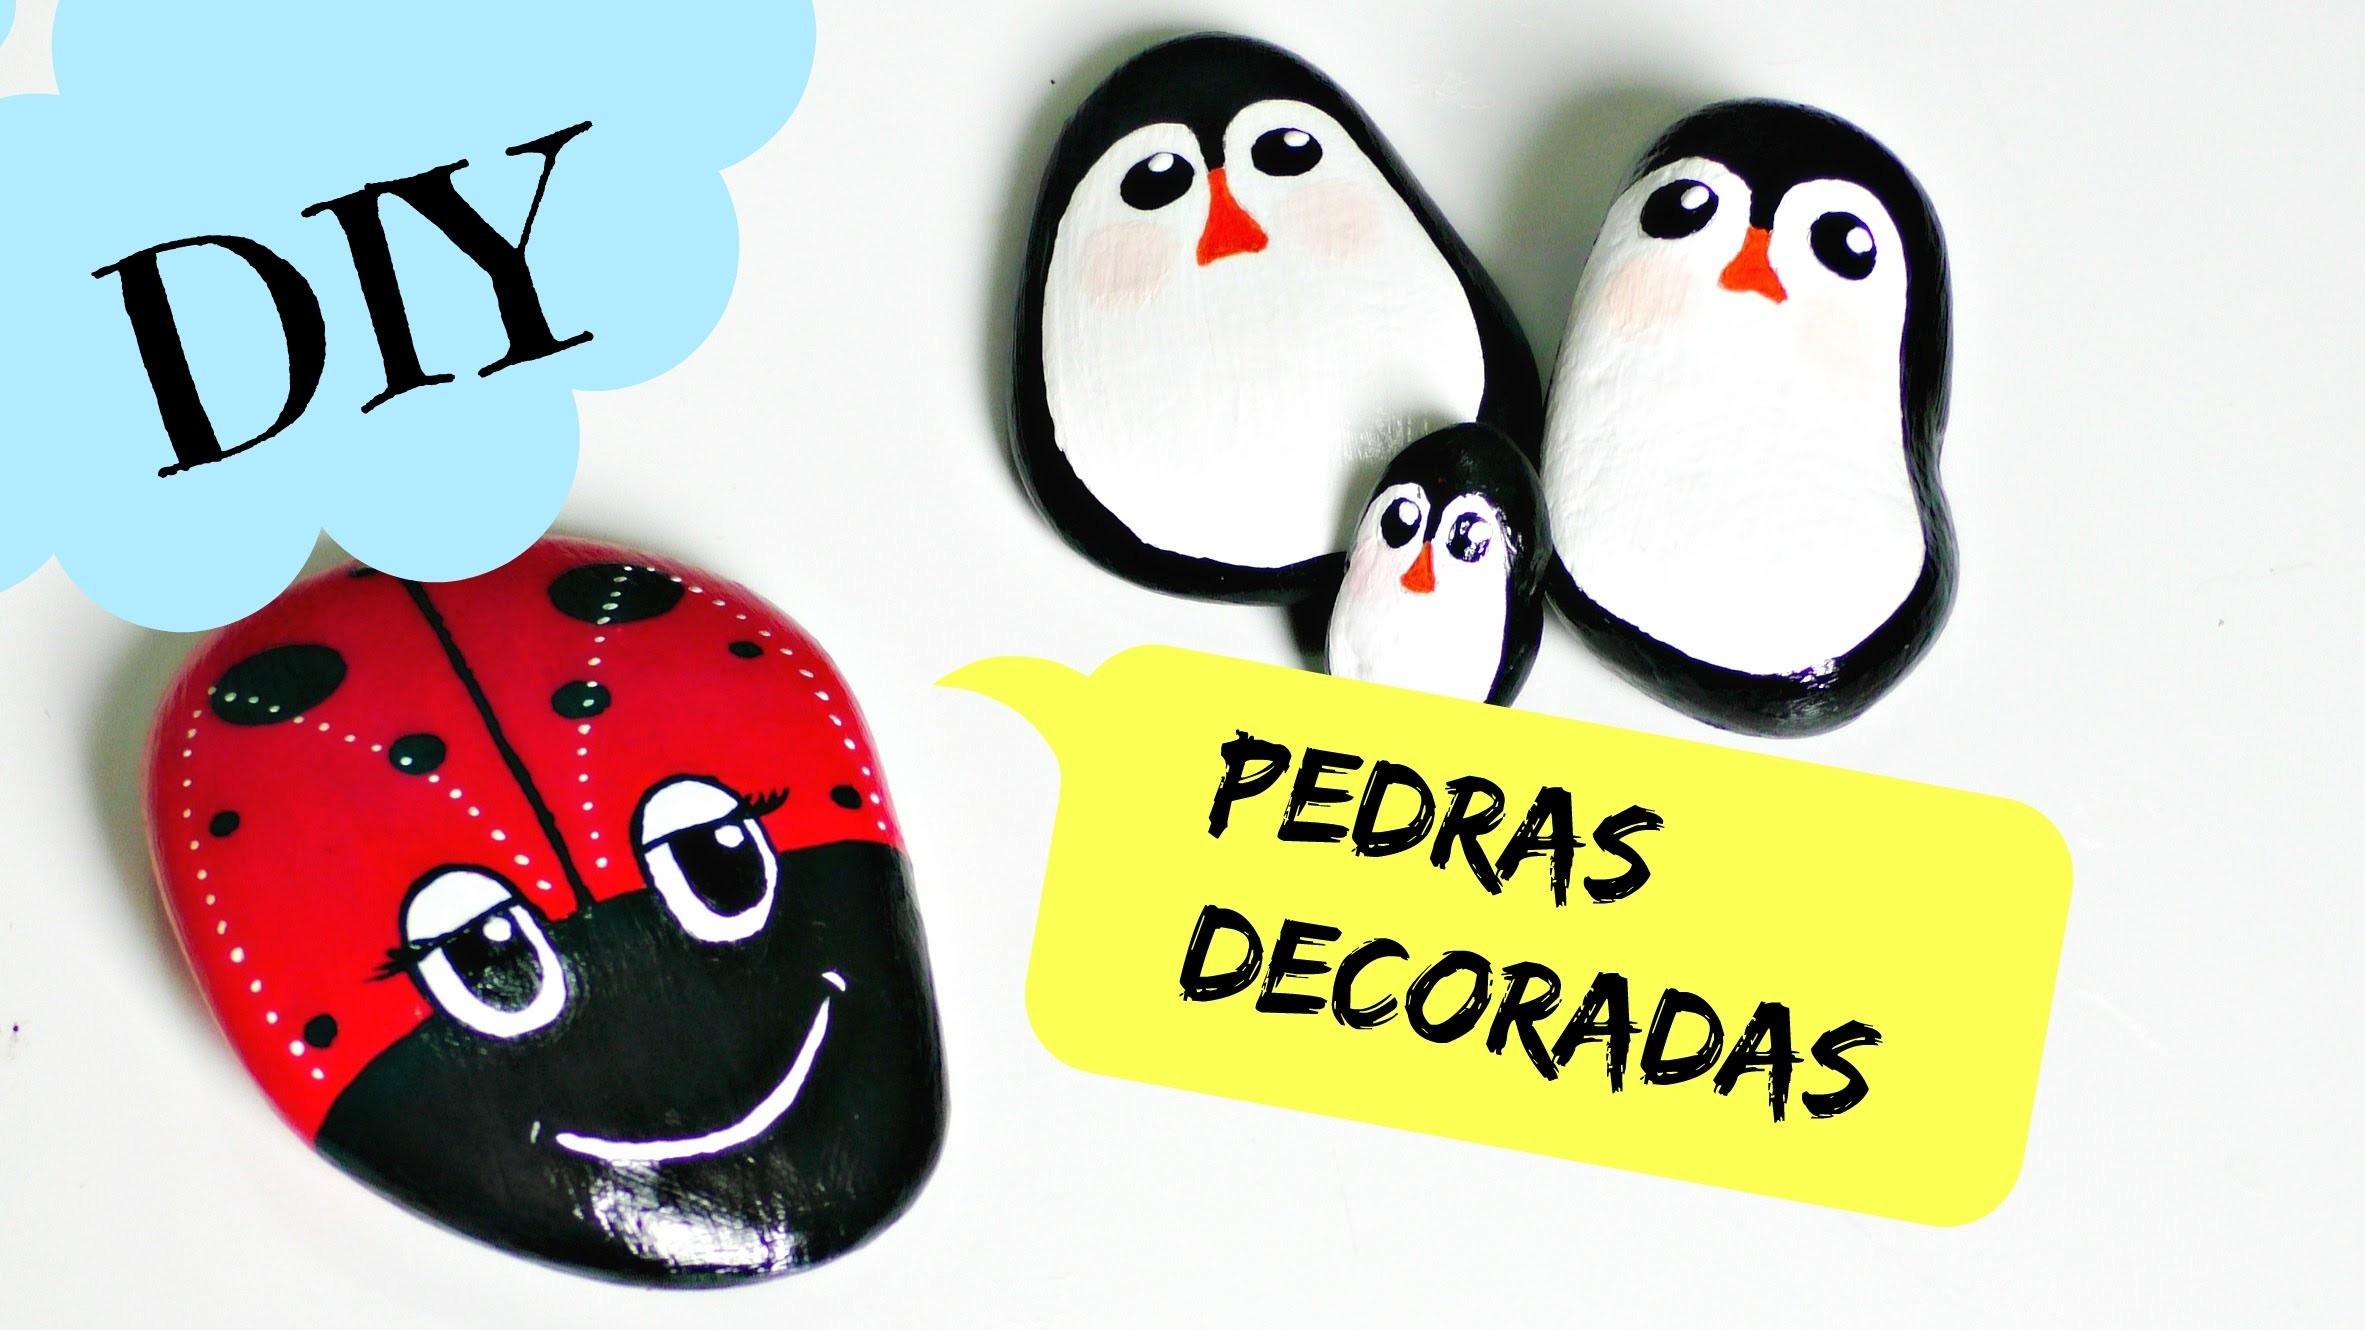 DIY: JOANINHA E PINGUINS DE PEDRA - DECORAÇÃO - Dica do Compartilhando arte